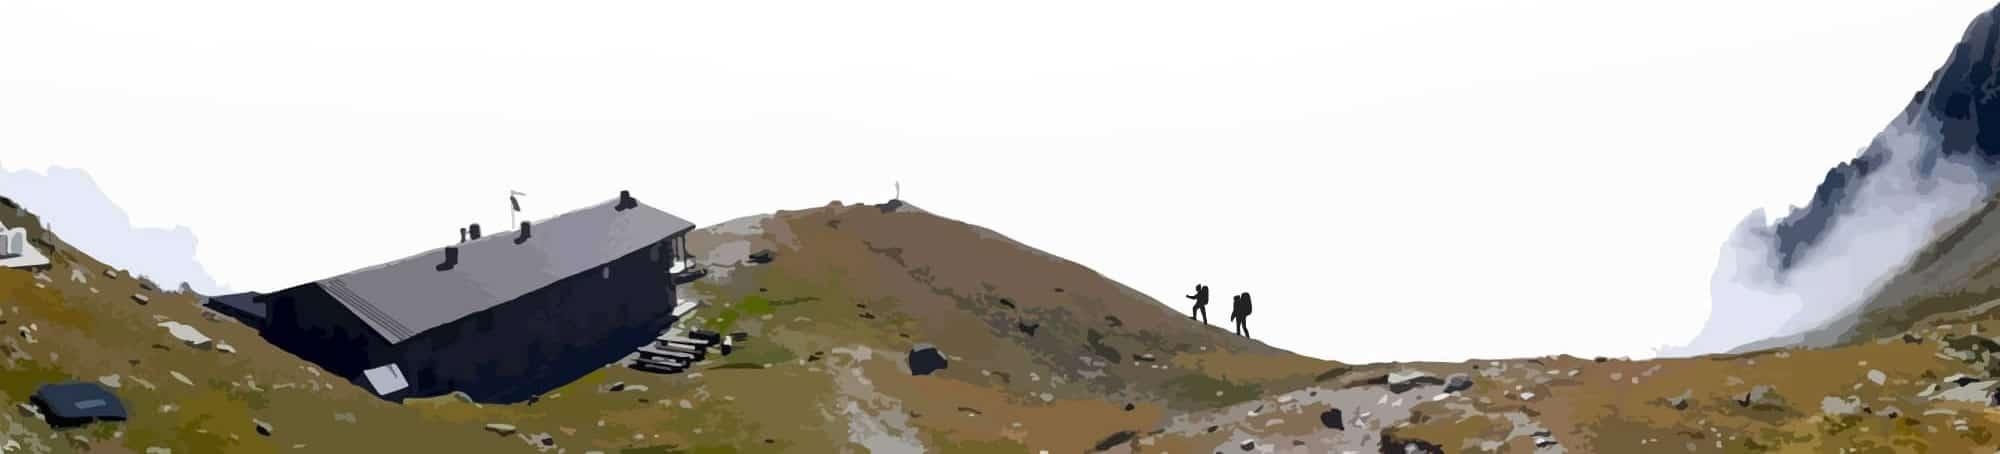 Rifugio Crête Sèche - Bionaz